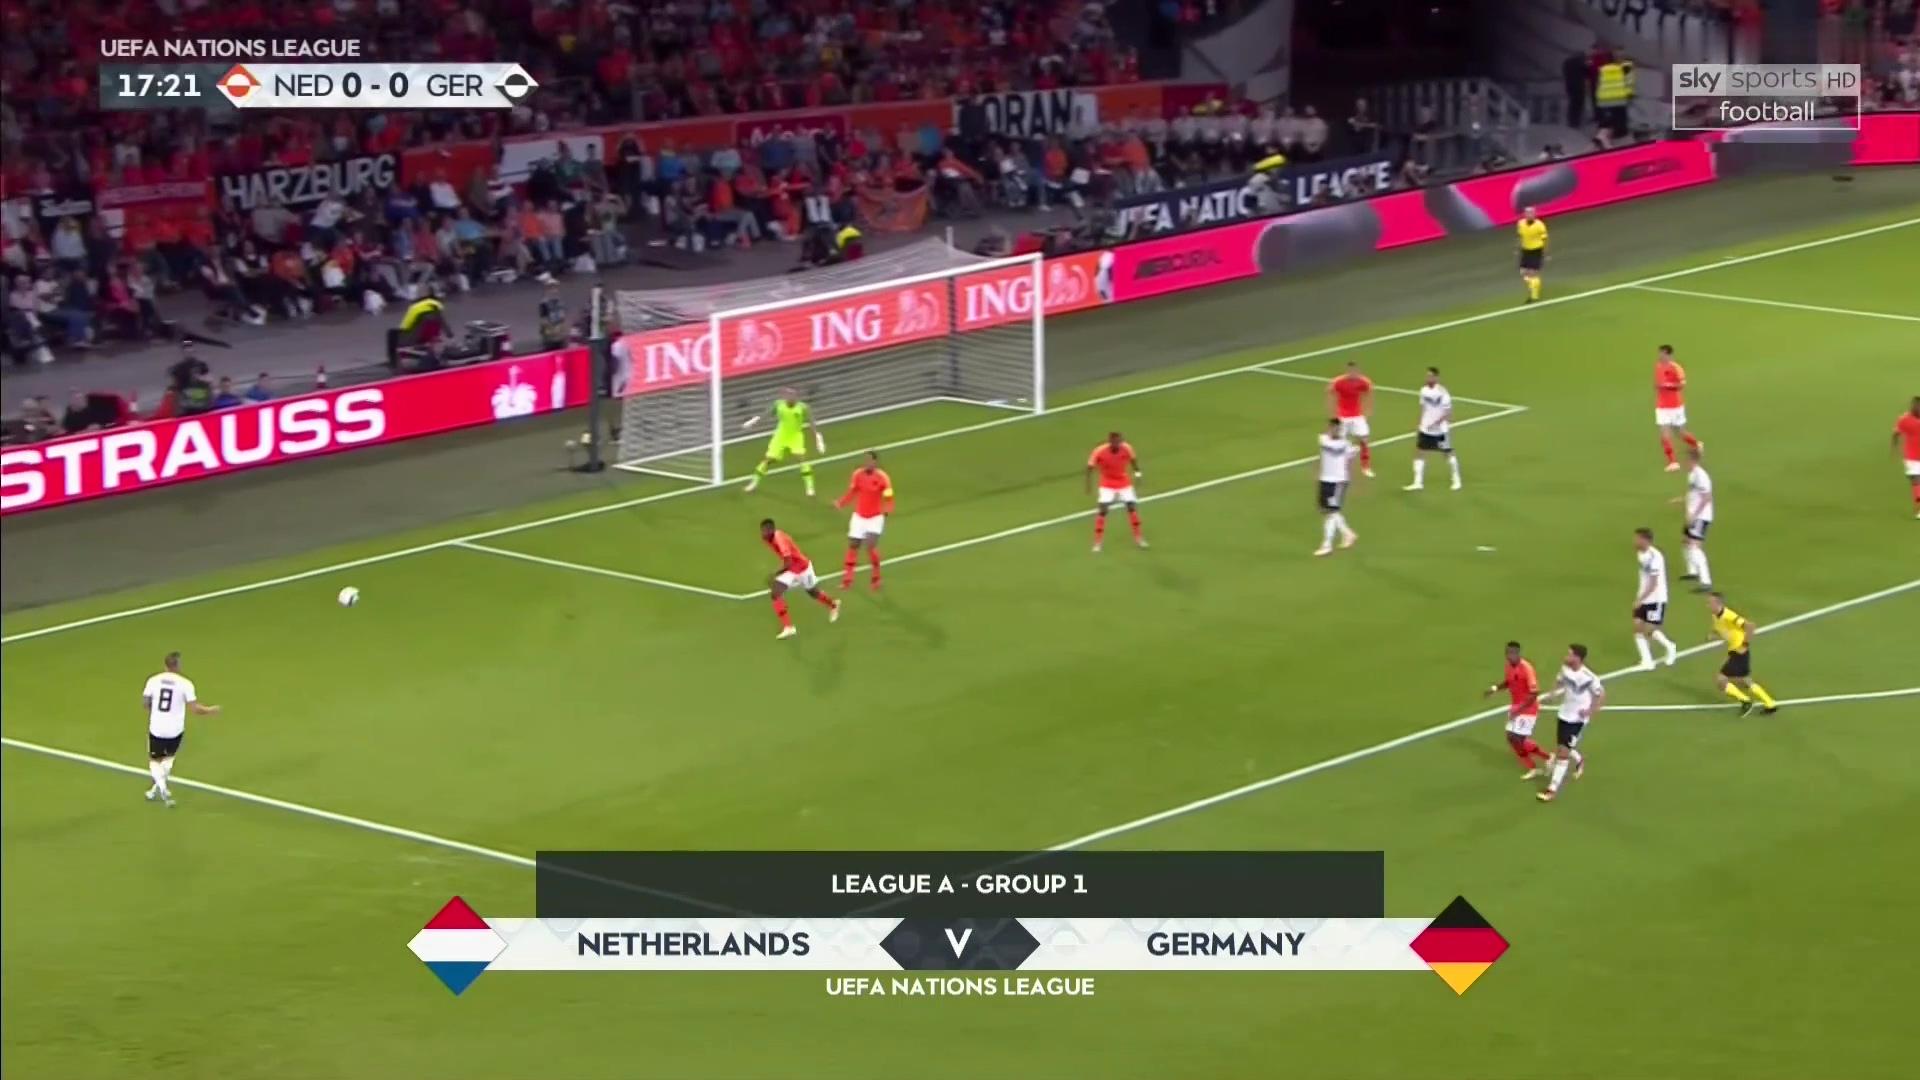 FÚTBOL: UEFA Nations League 18/19 - Highlights - 13/10/2018